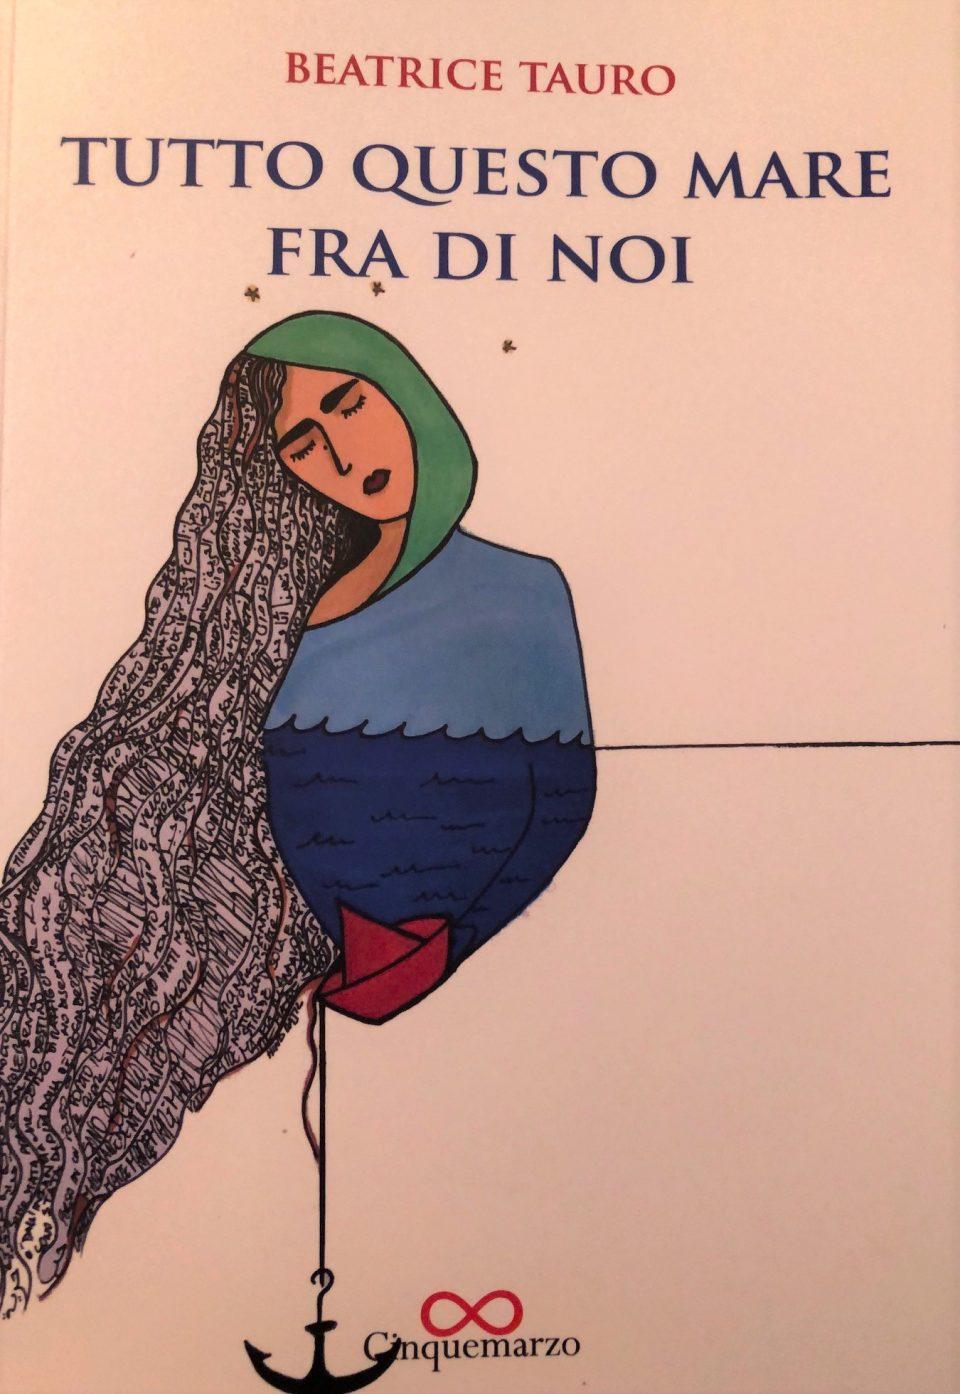 """""""Tutto questo mare fra di noi"""", l'importanza dello scambio interculturale nel romanzo di Beatrice Tauro - Intervista"""